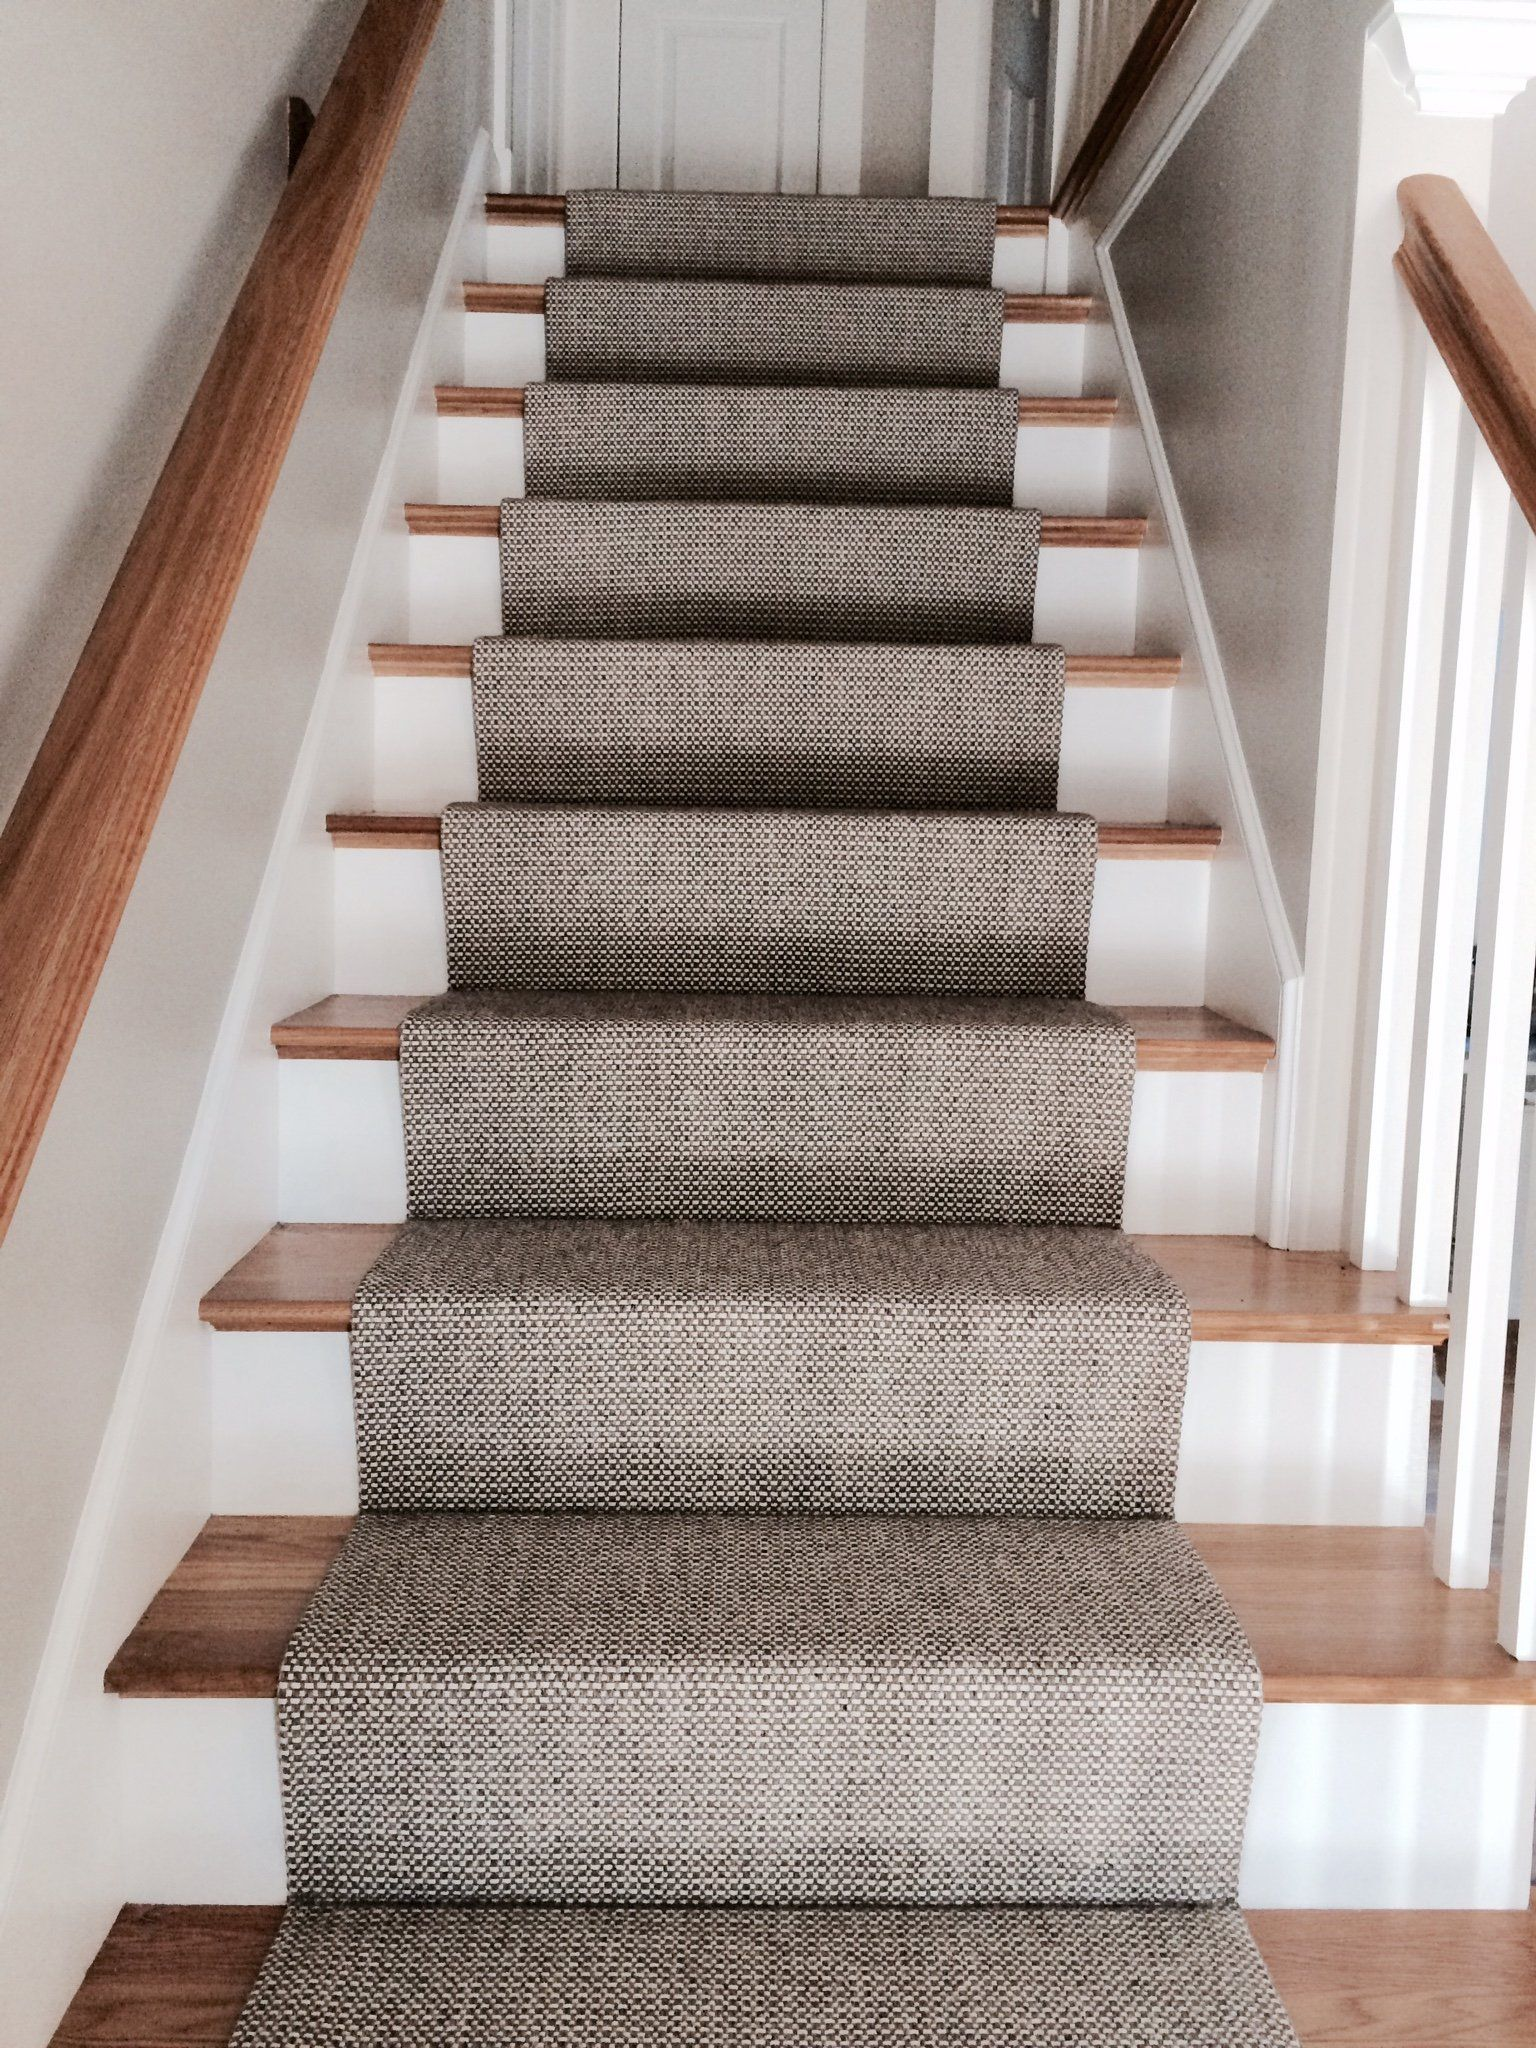 Best Stair Runner Carpet Merida Flat Woven Wool Home In 2019 400 x 300